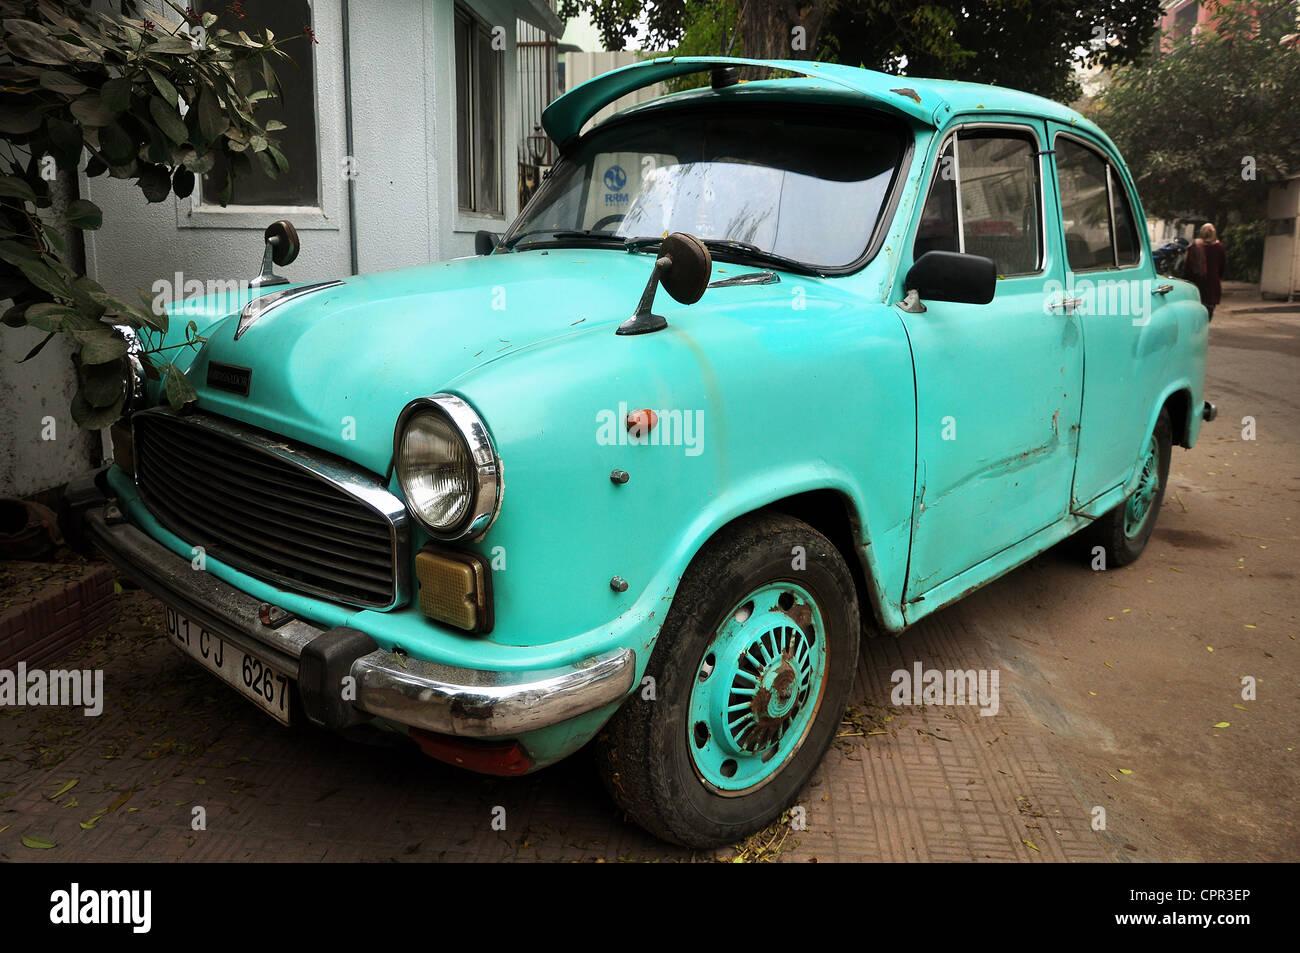 A teal Hindustan Ambassador car in New Delhi, India. - Stock Image